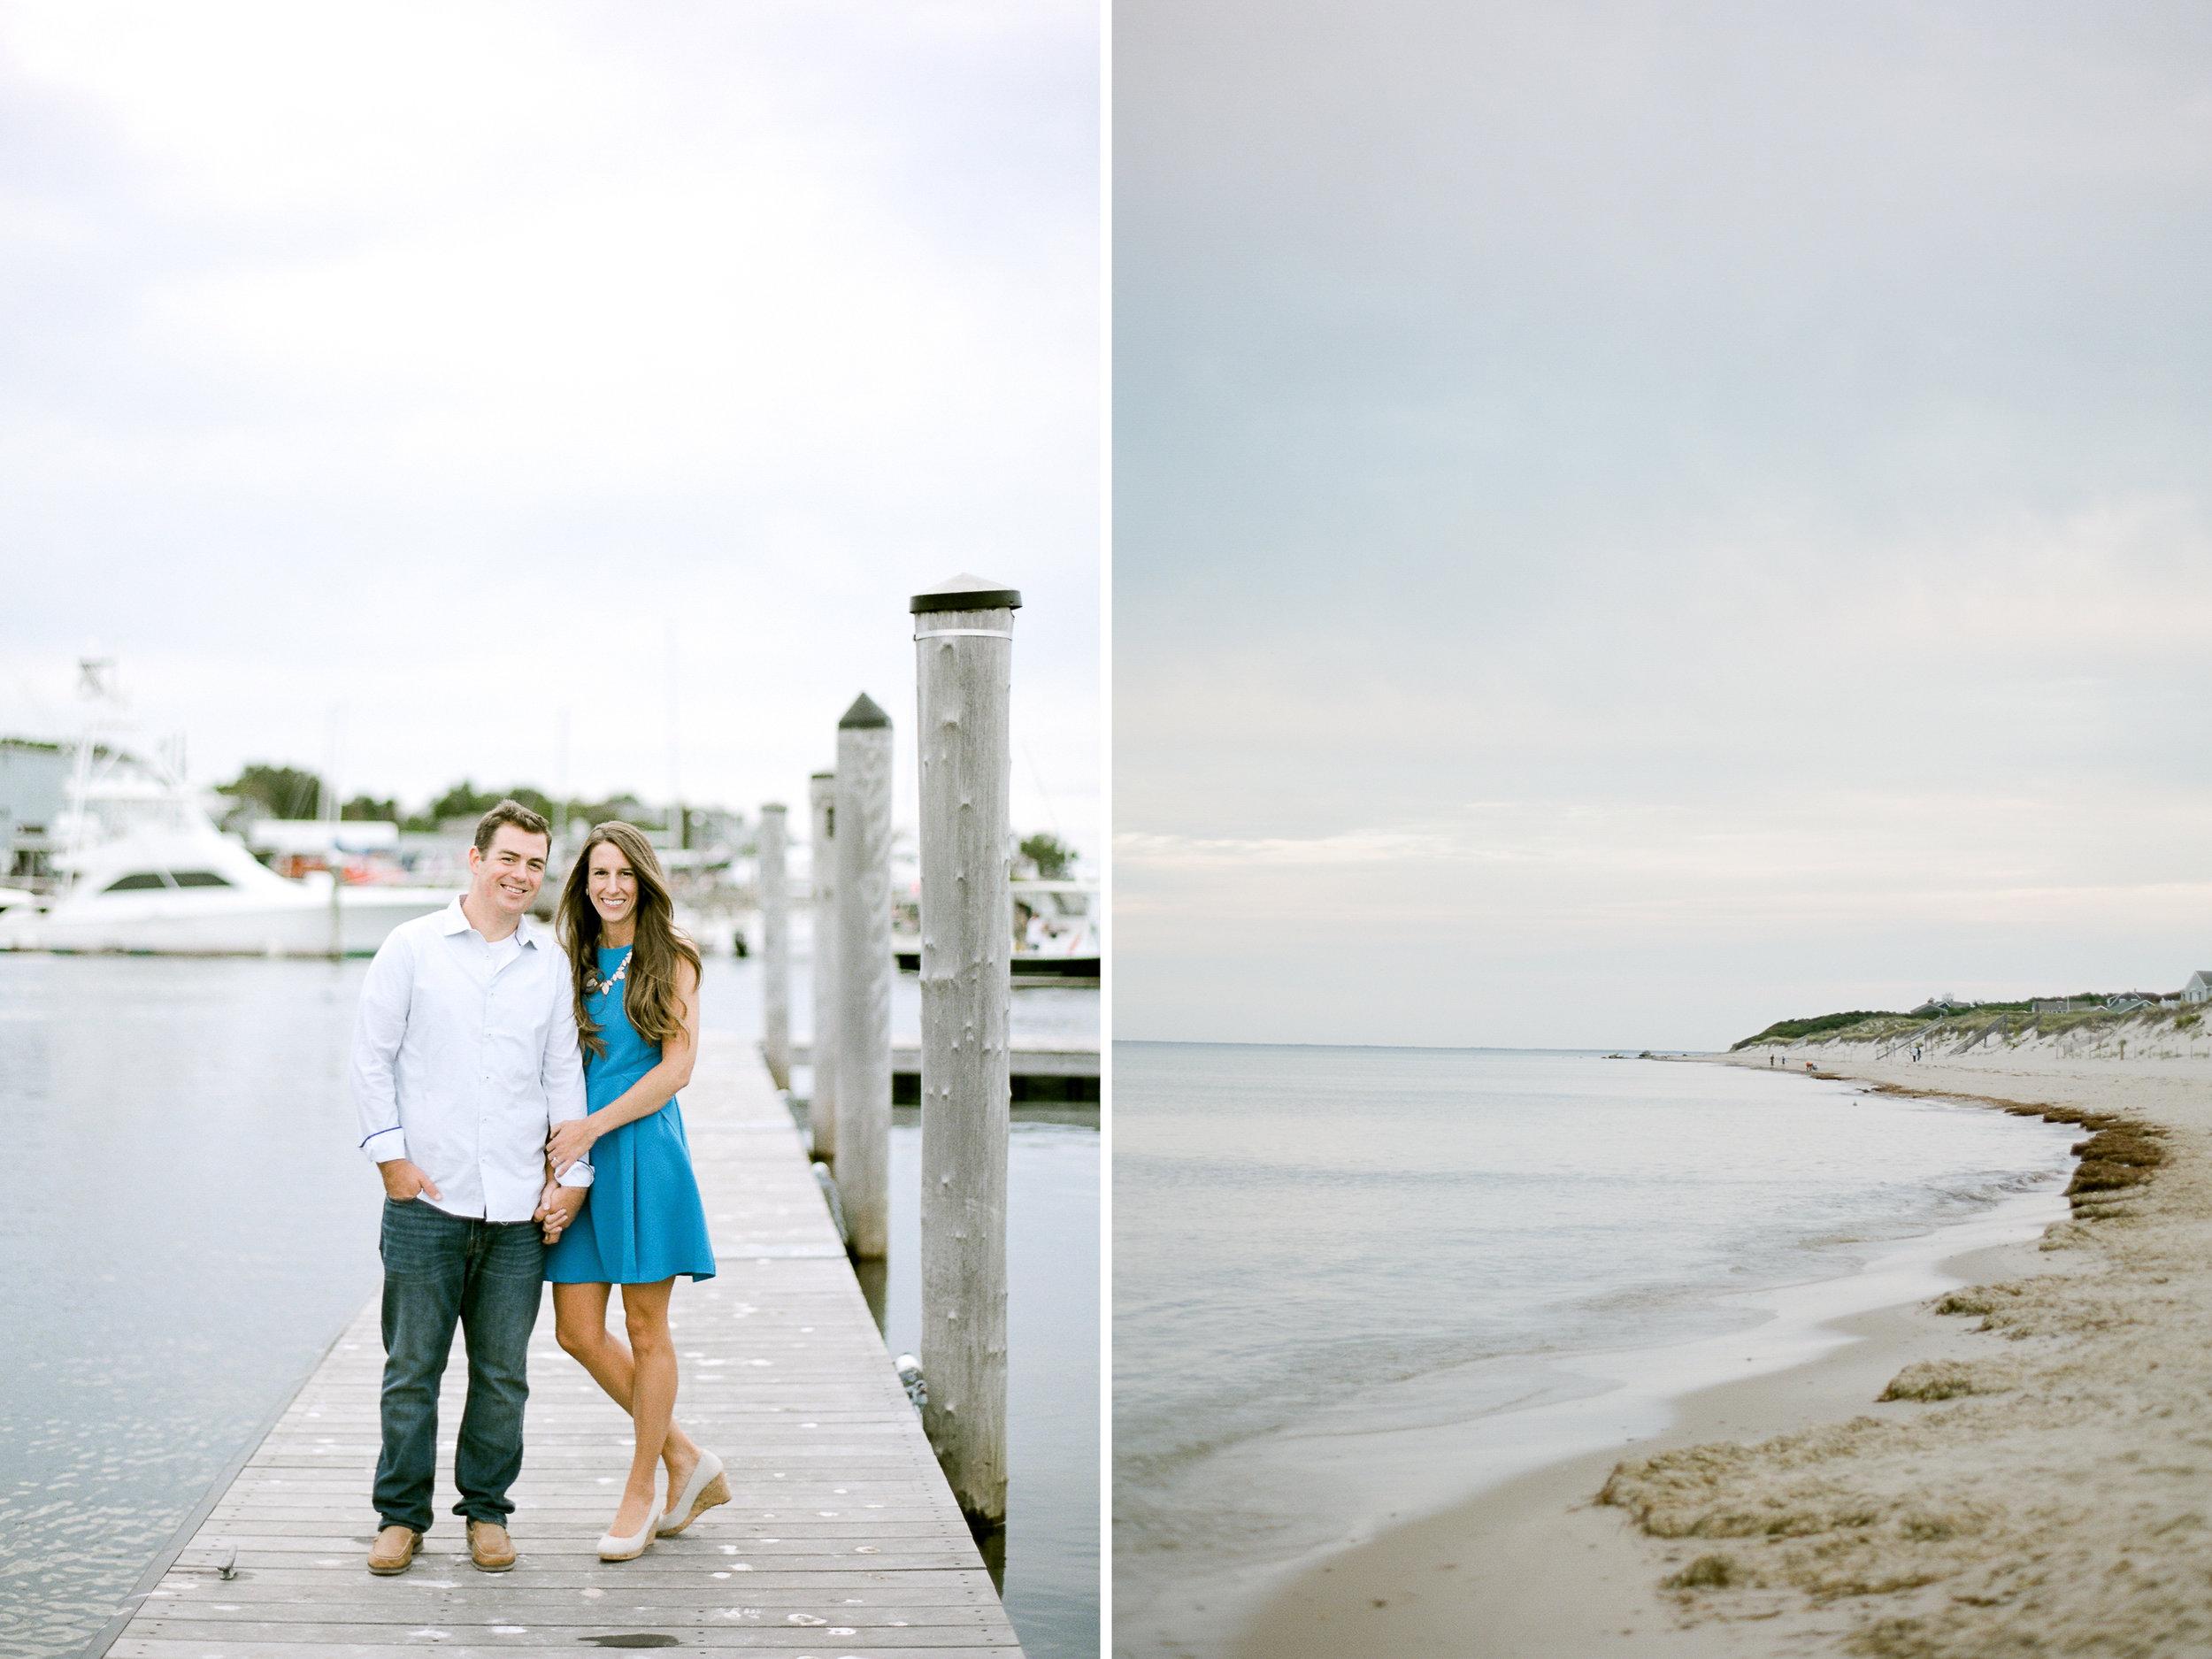 Cape cod Engagement Portraits